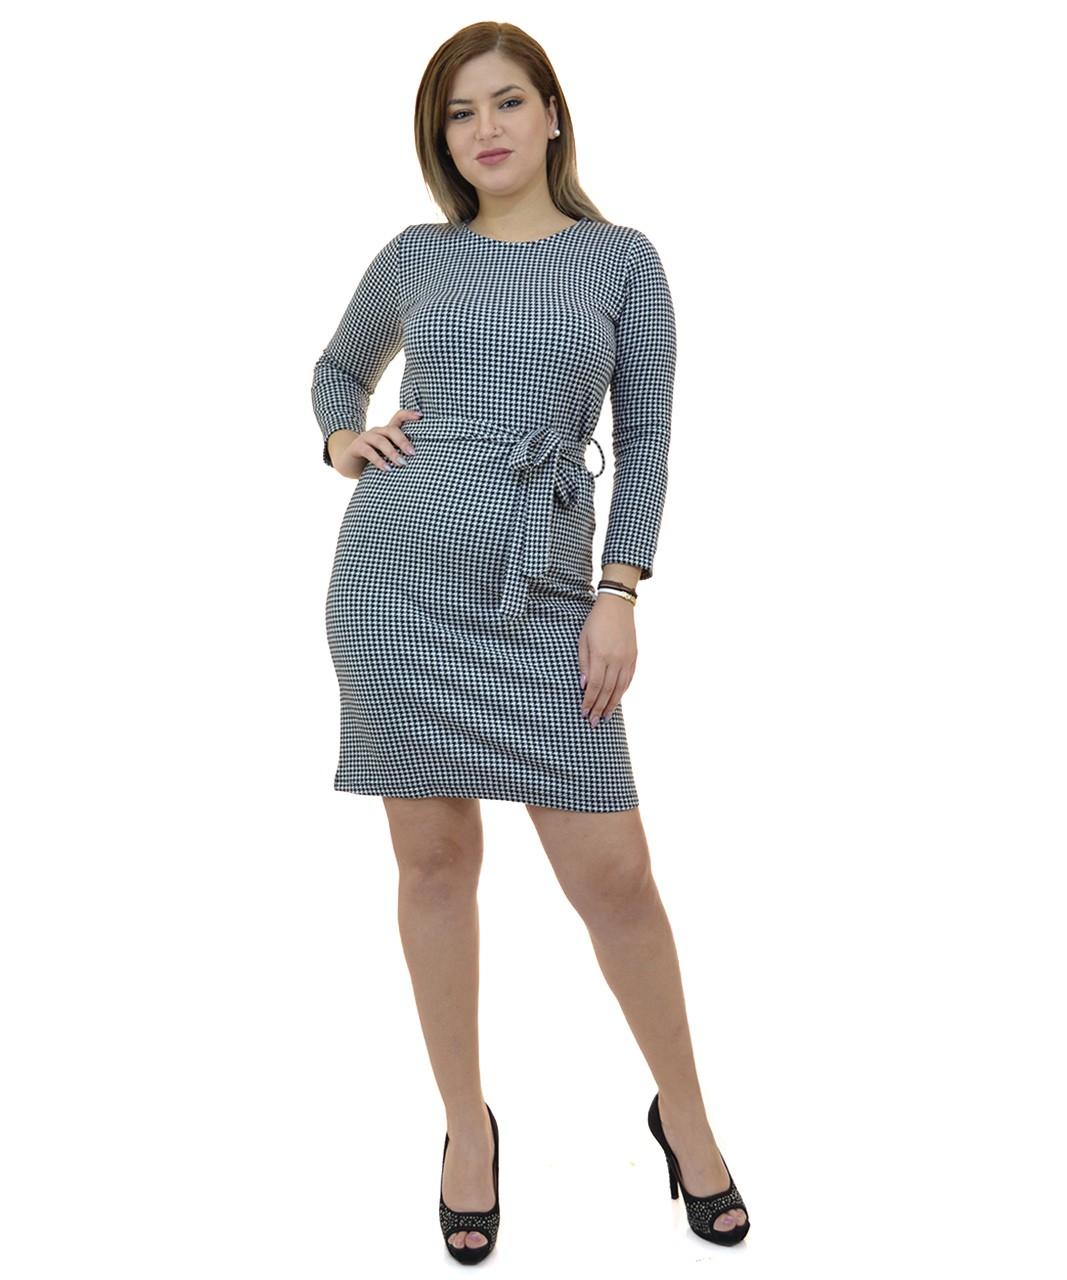 Φόρεμα Μίνι Πιε ντε Πουλ